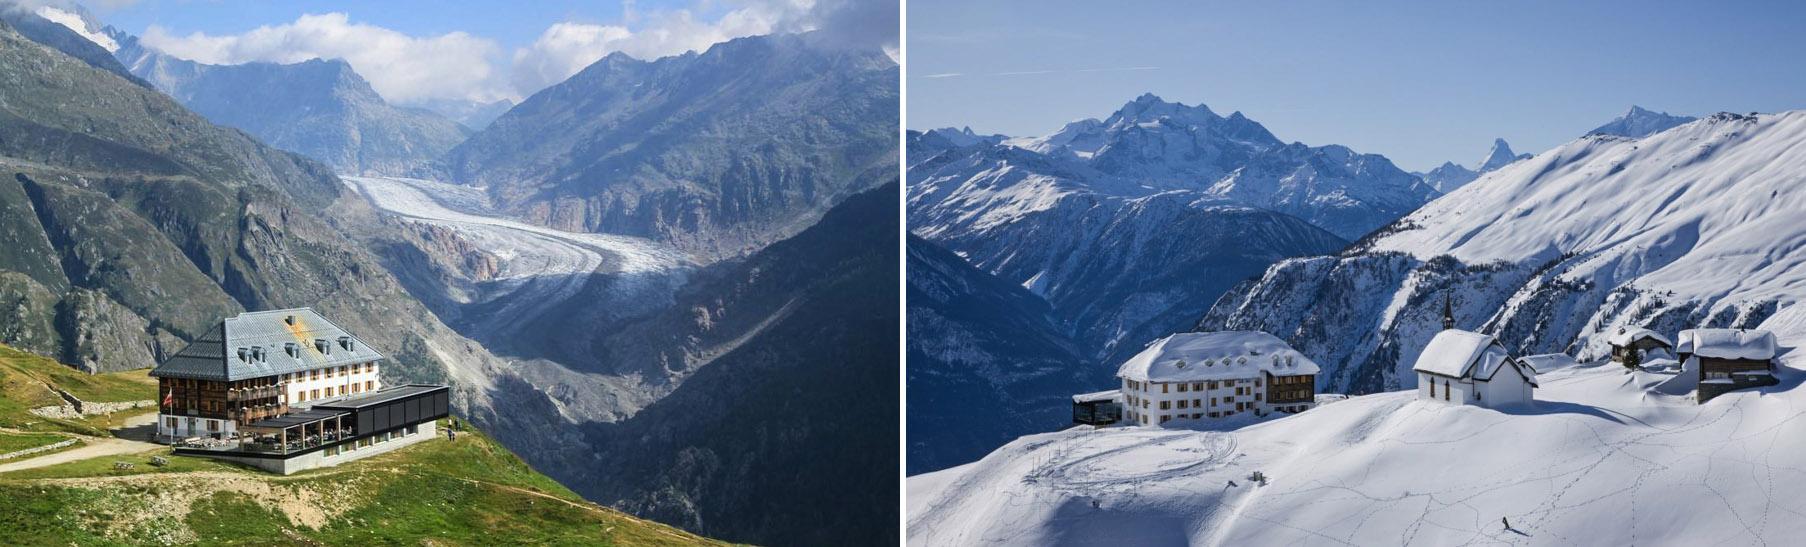 Hotel Belalp w Szwajcarii